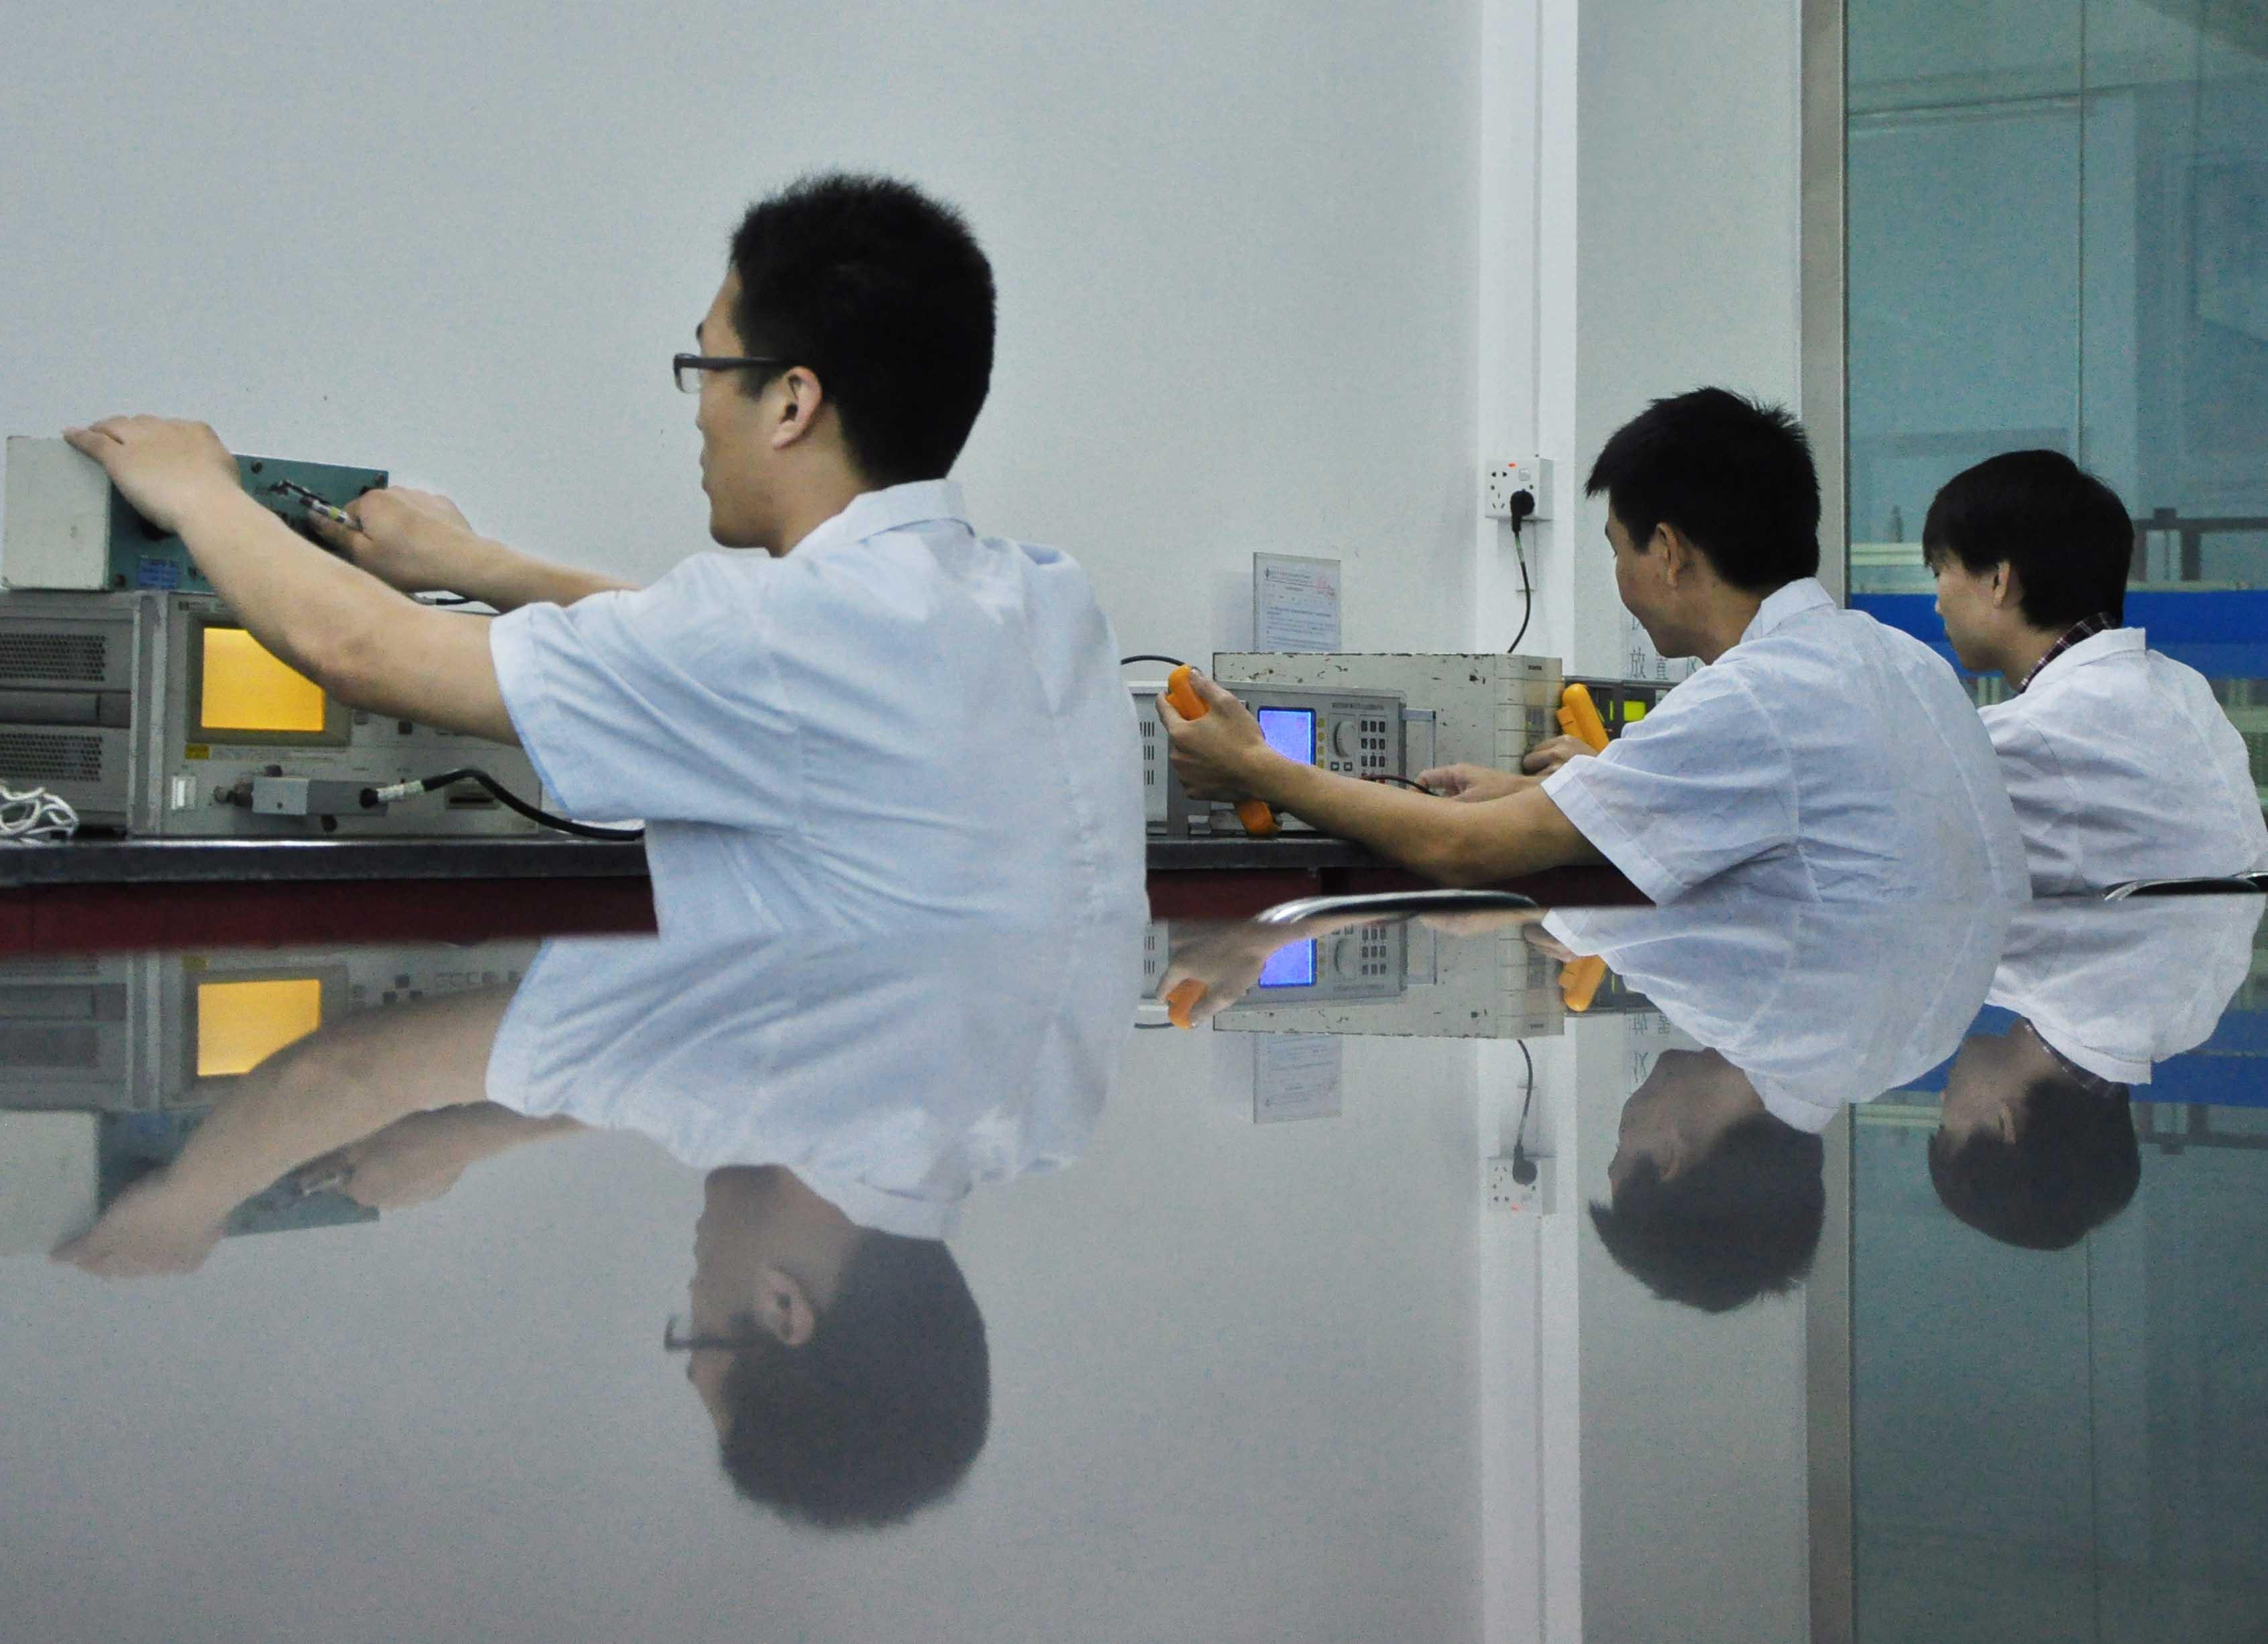 六安仪器检测|仪器计量|仪器校验|仪器校准服务